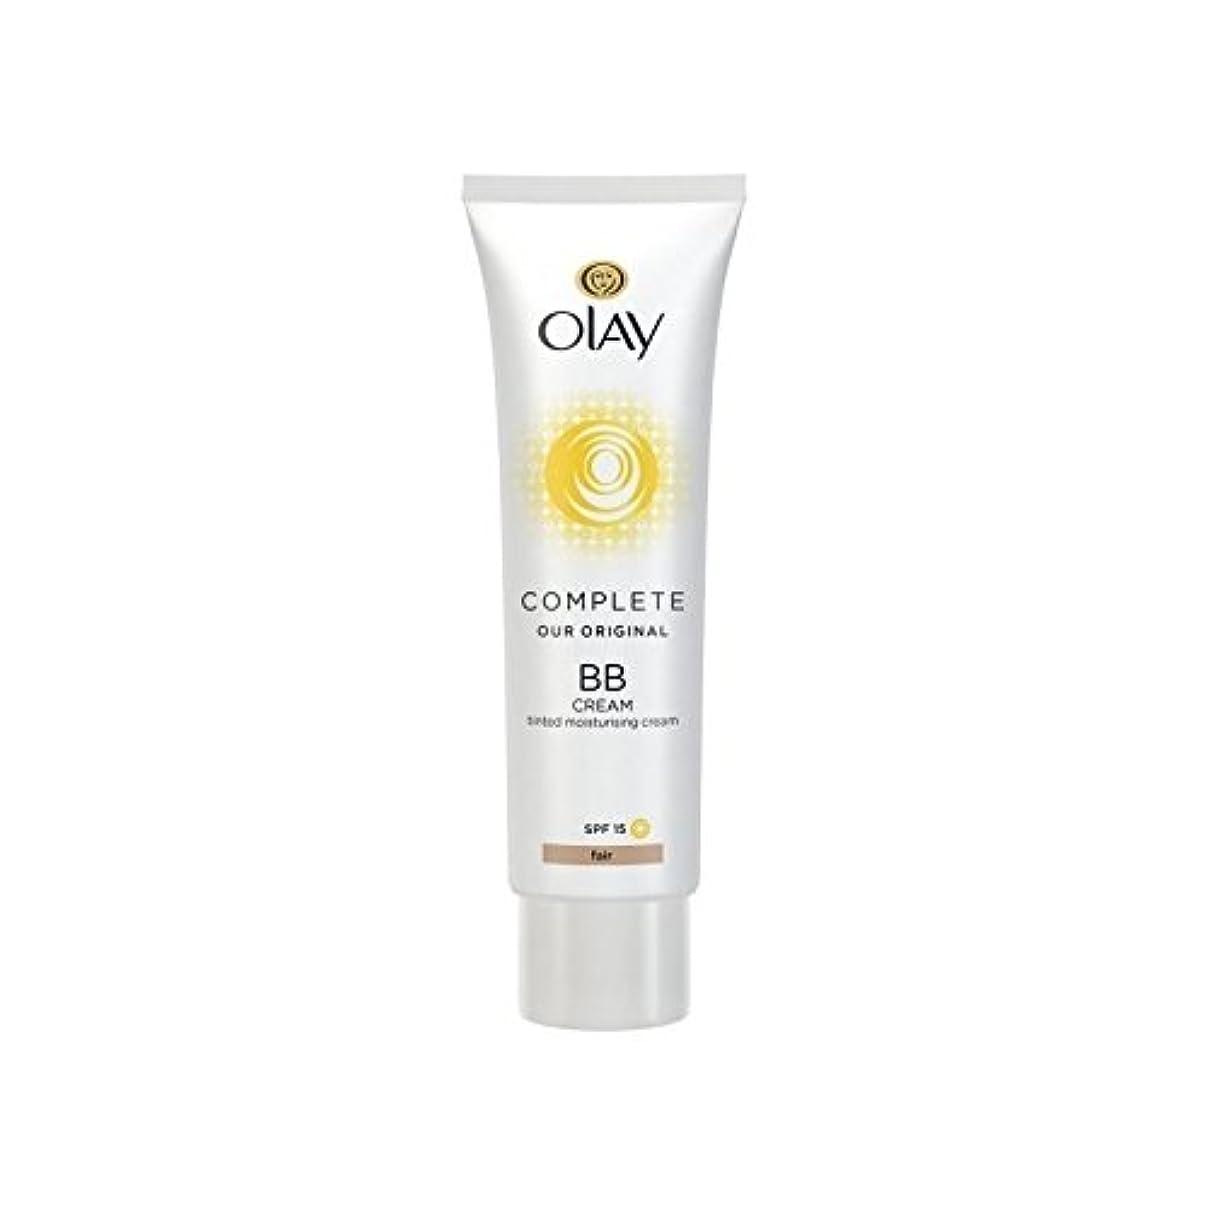 講堂ブラシ雇うオーレイ完全なクリーム15フェアの50ミリリットル x4 - Olay Complete BB Cream Fair SPF15 50ml (Pack of 4) [並行輸入品]